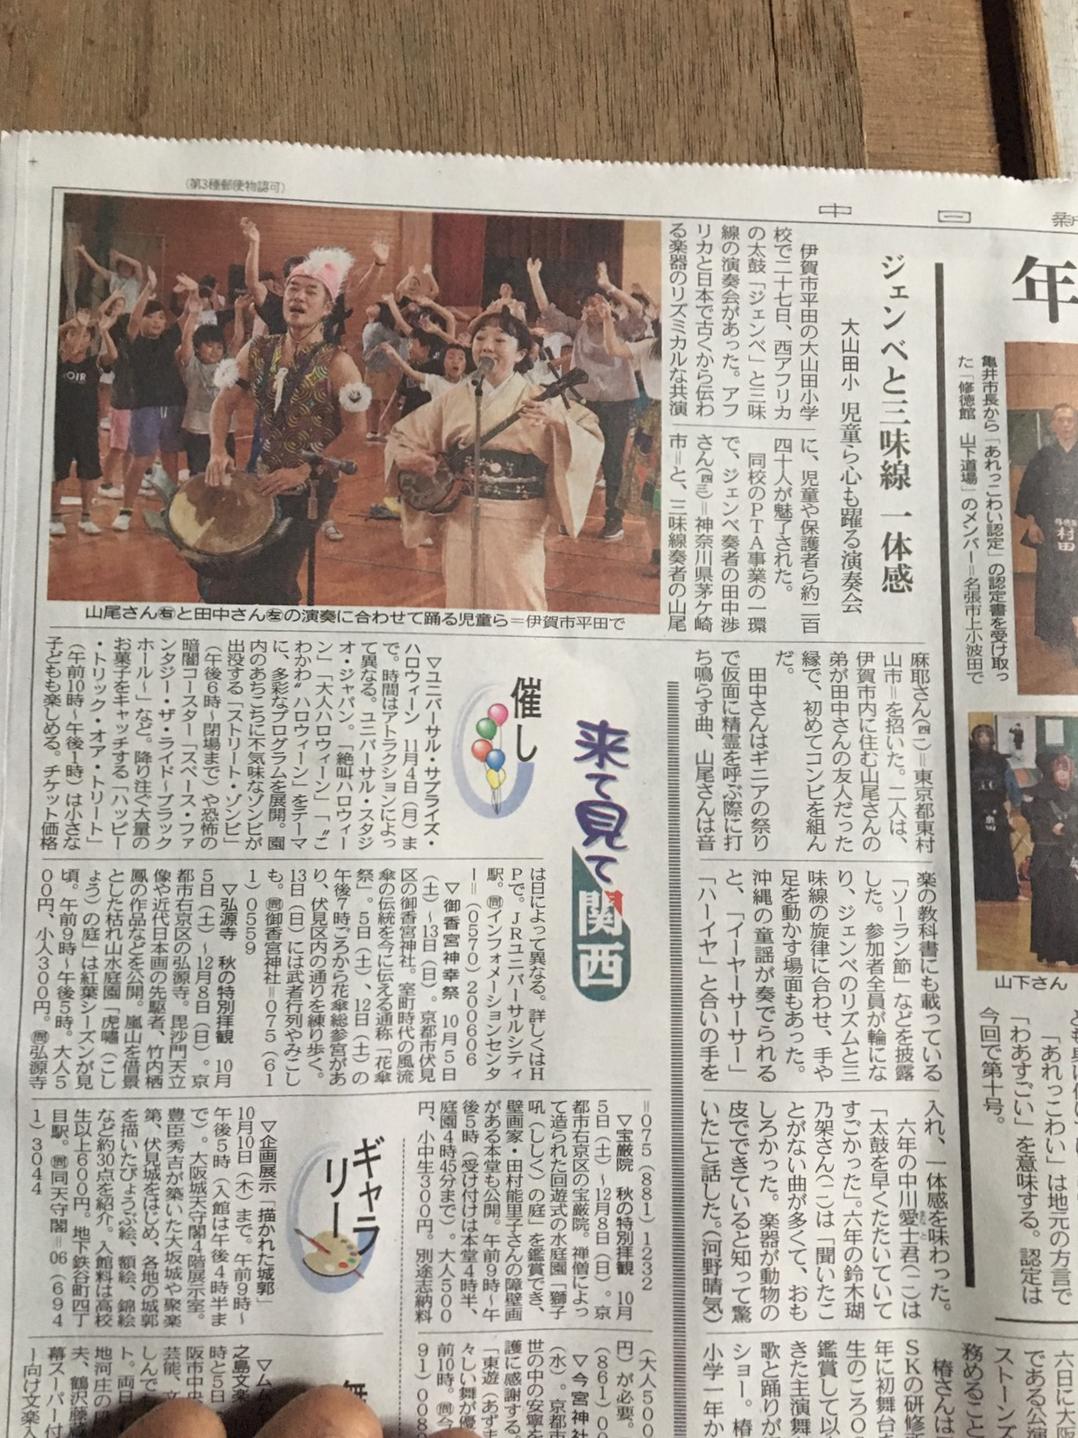 2019.9.28中日新聞掲載記事。